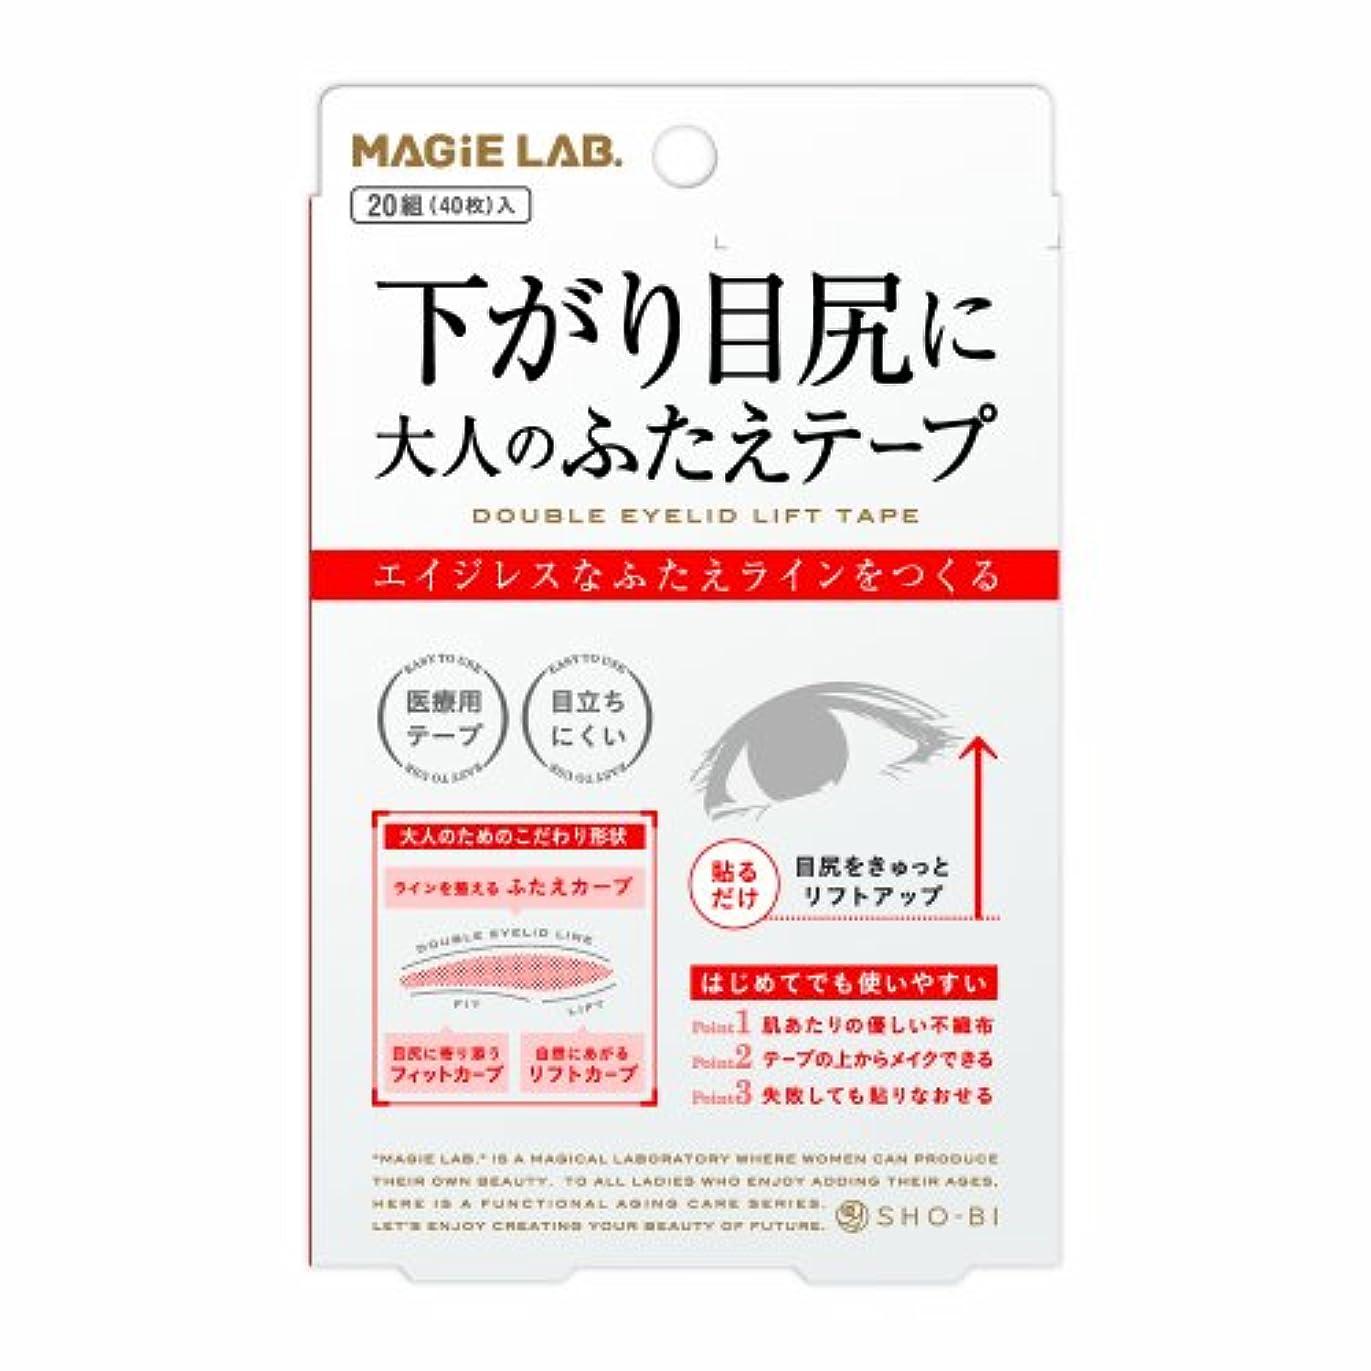 物語複数解決するMG22105 下がり目尻に 大人のふたえープ 20組40枚入 整形テープ マジラボ MAGiE LAB.